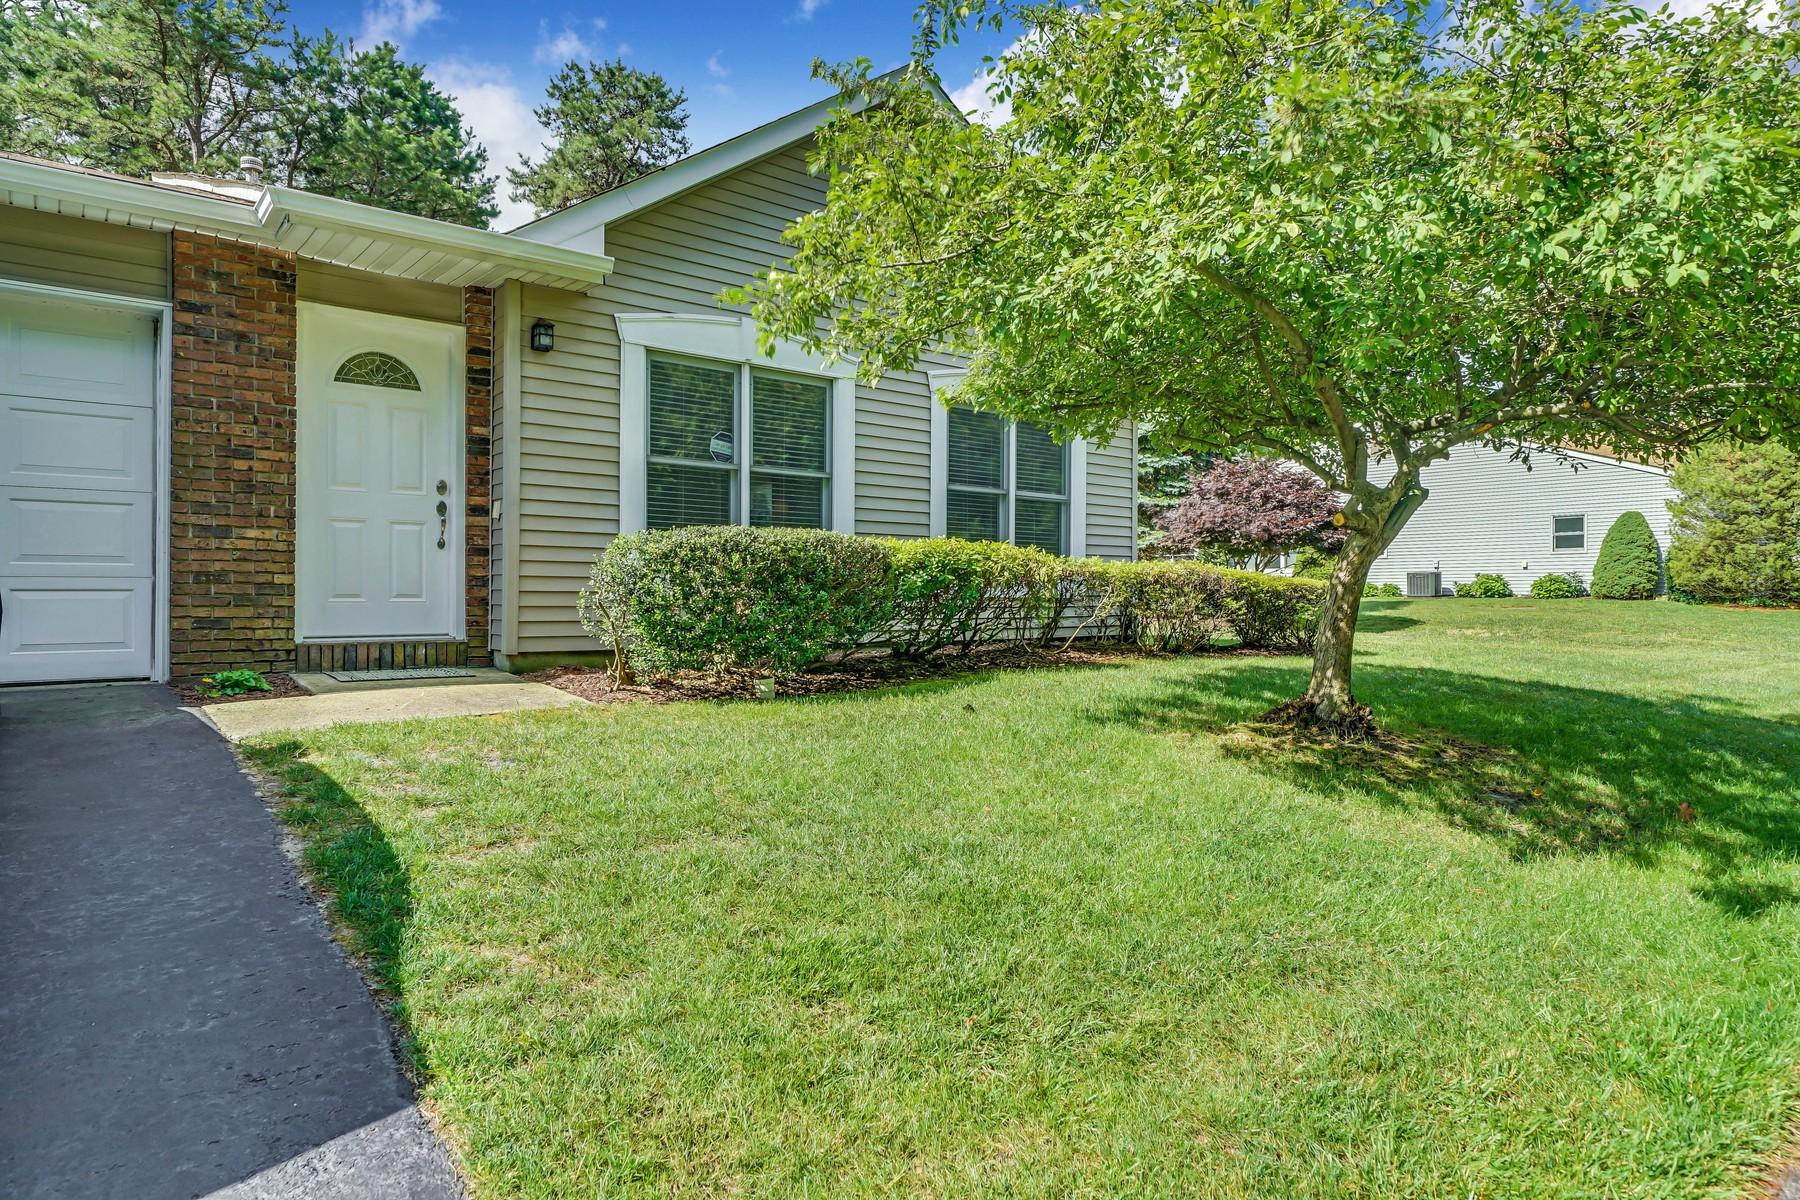 Maison unifamiliale pour l Vente à Bright and Spacious 206 Deanne Dr 1000, Lakewood, New Jersey 08701 États-Unis